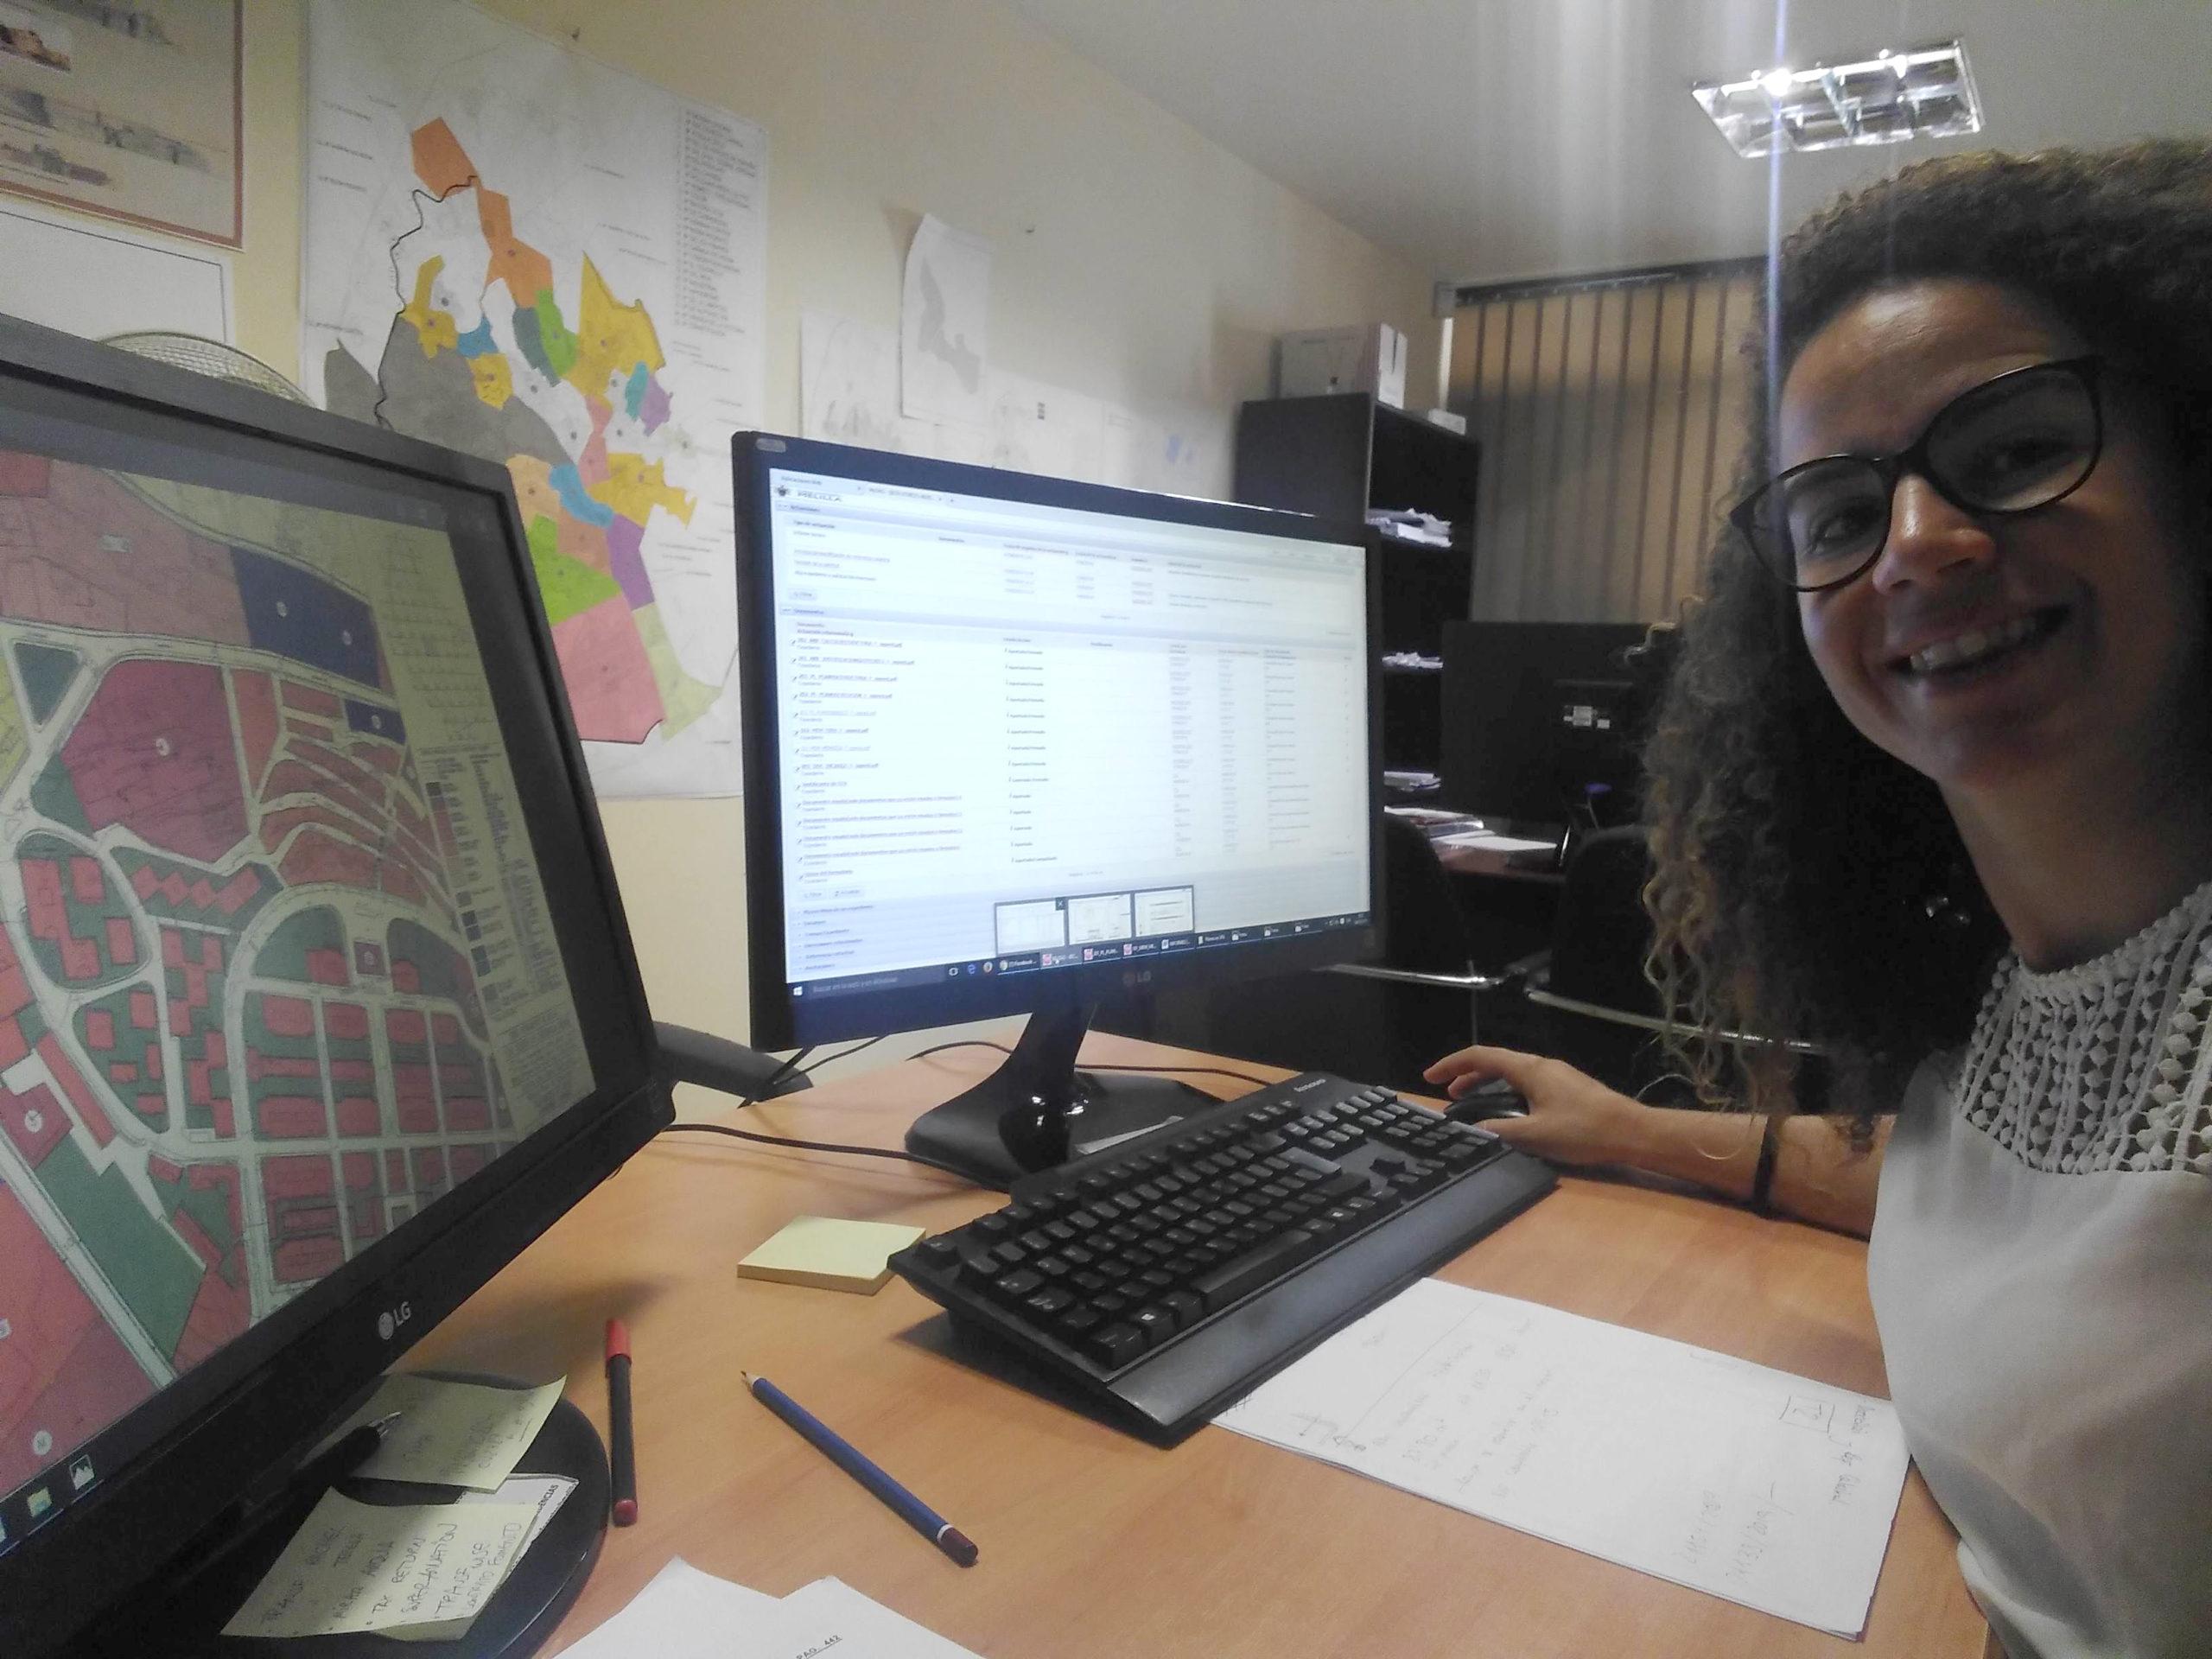 Carmen Biohabita working